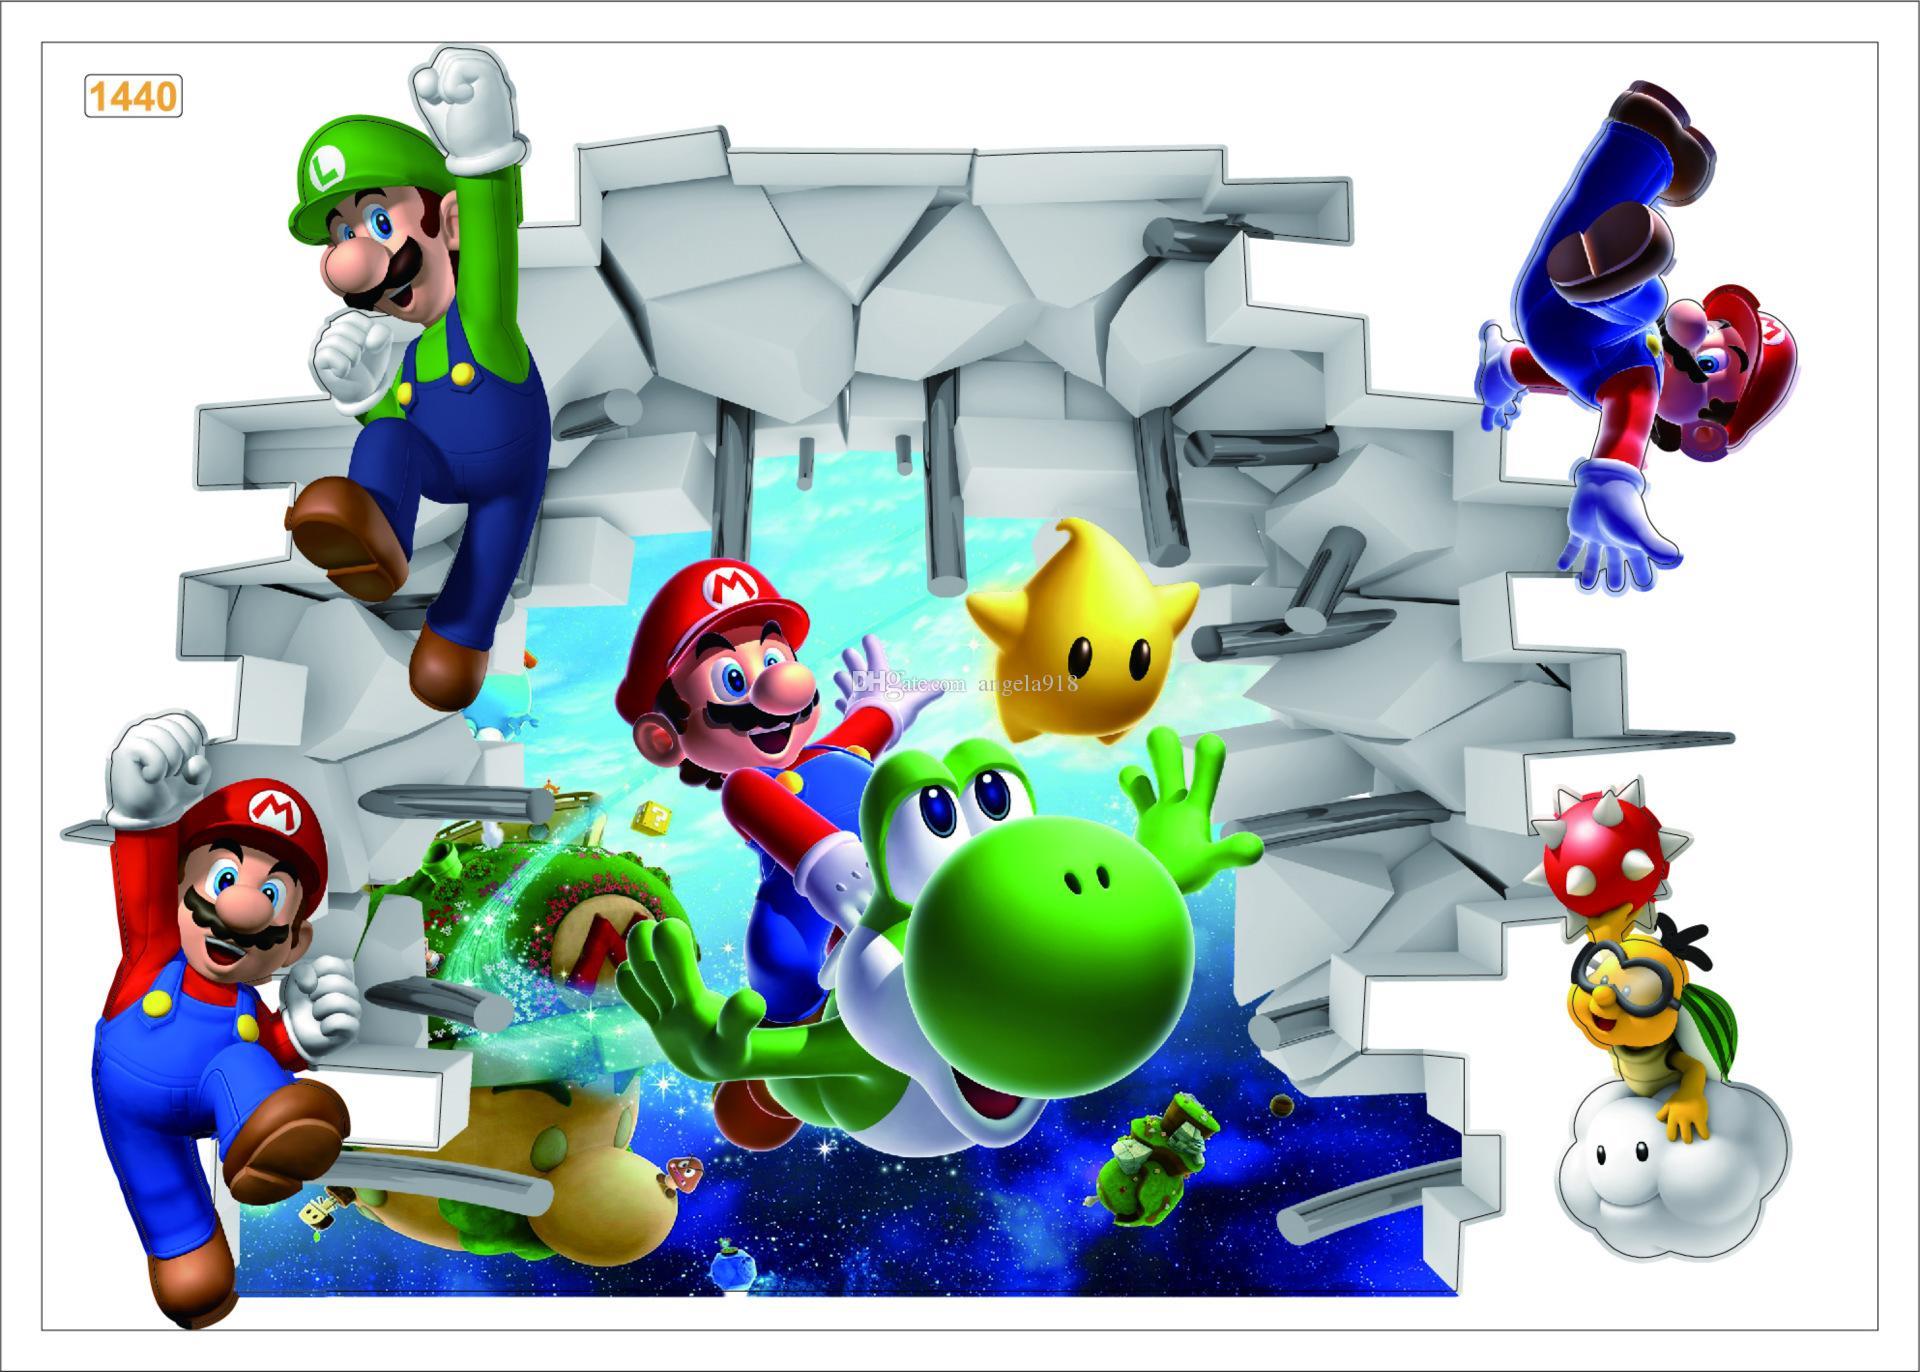 Großhandel ZY1440 Super Mario Wandaufkleber Cartoon 3D Tapeten Kinder  Abnehmbare 48 * 65 Cm Pvc Tapete Für Kinderzimmer Dhl C1077 Von Angela918,  $1.71 ...